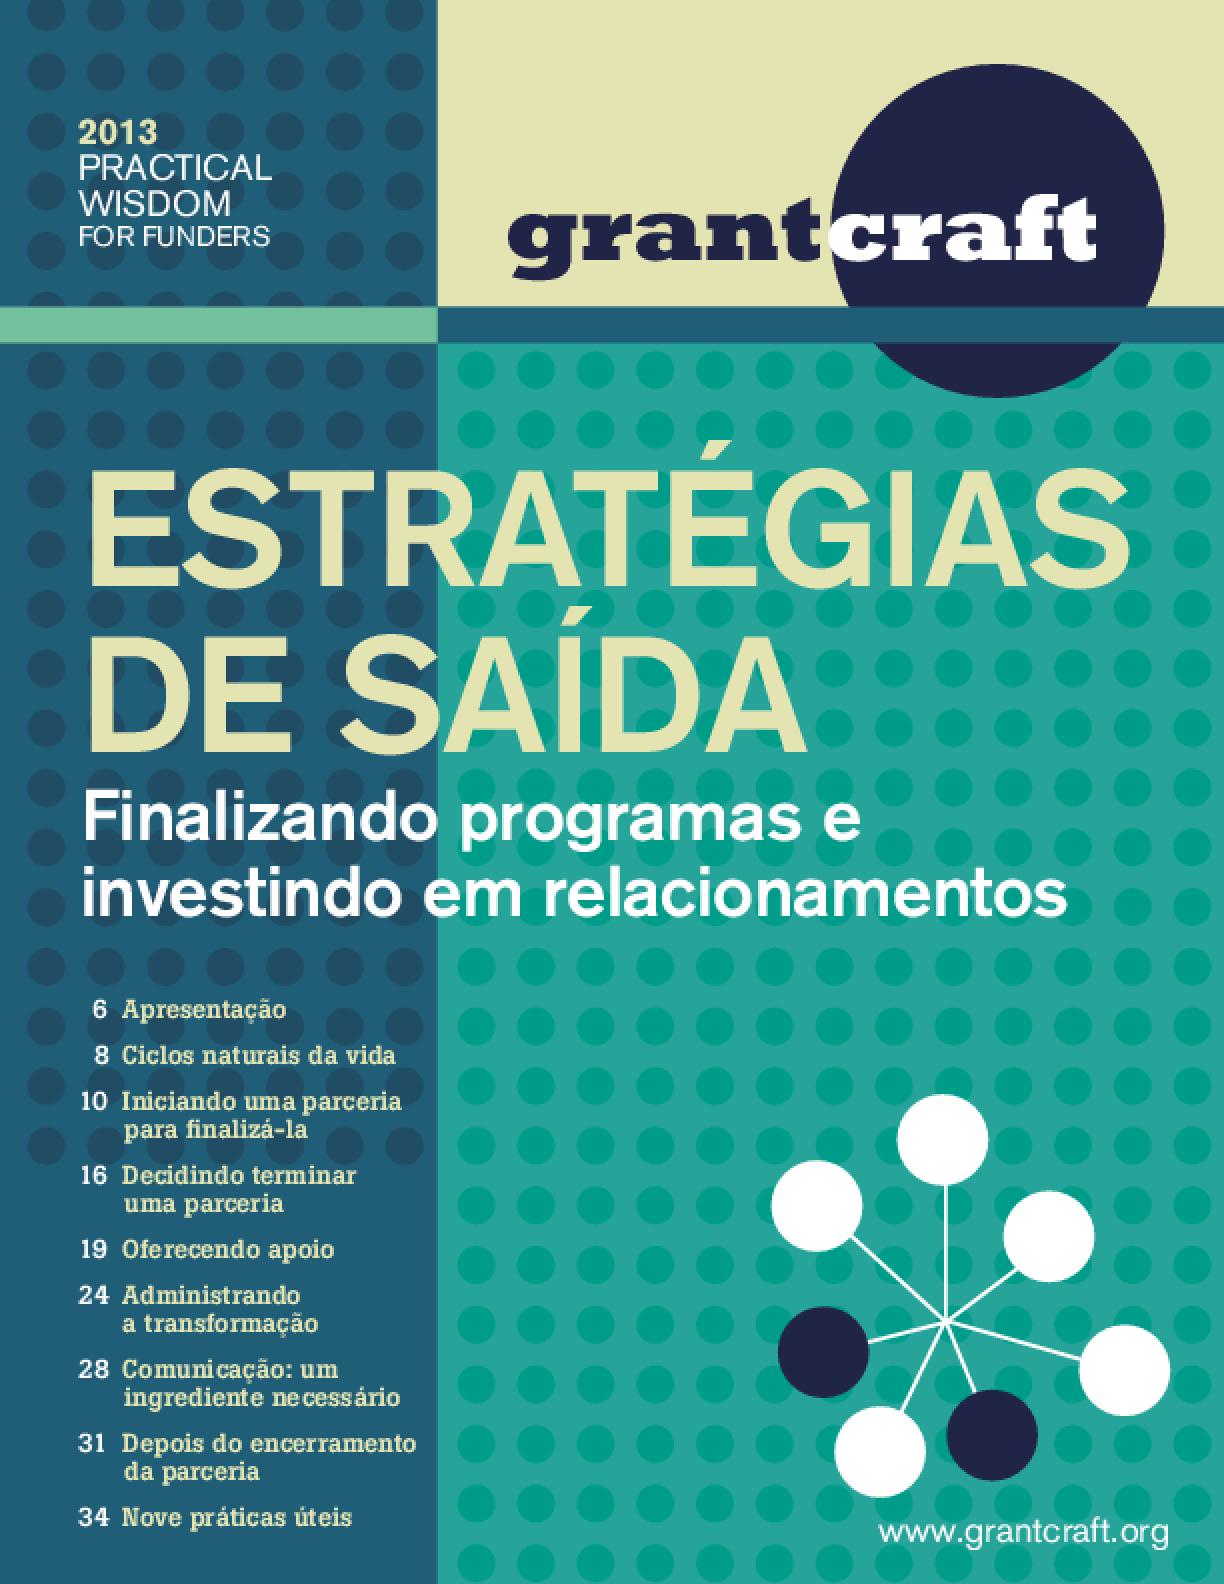 Estratégias de Saída: finalizando programas e investindo em relacionamentos